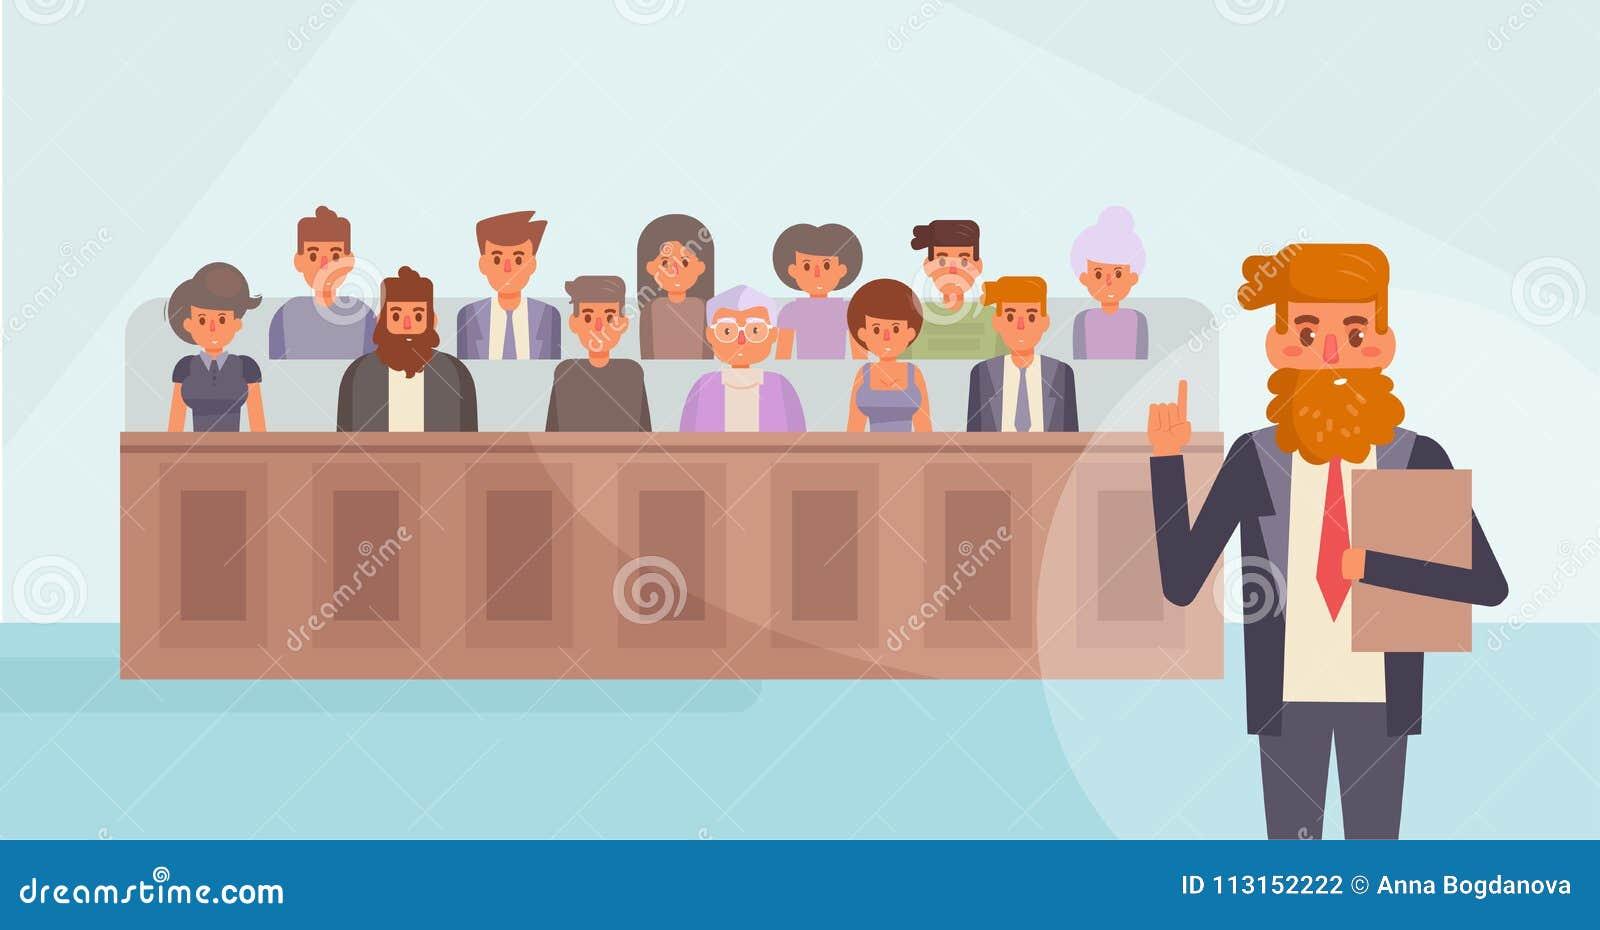 陪审员法庭上 向量 动画片